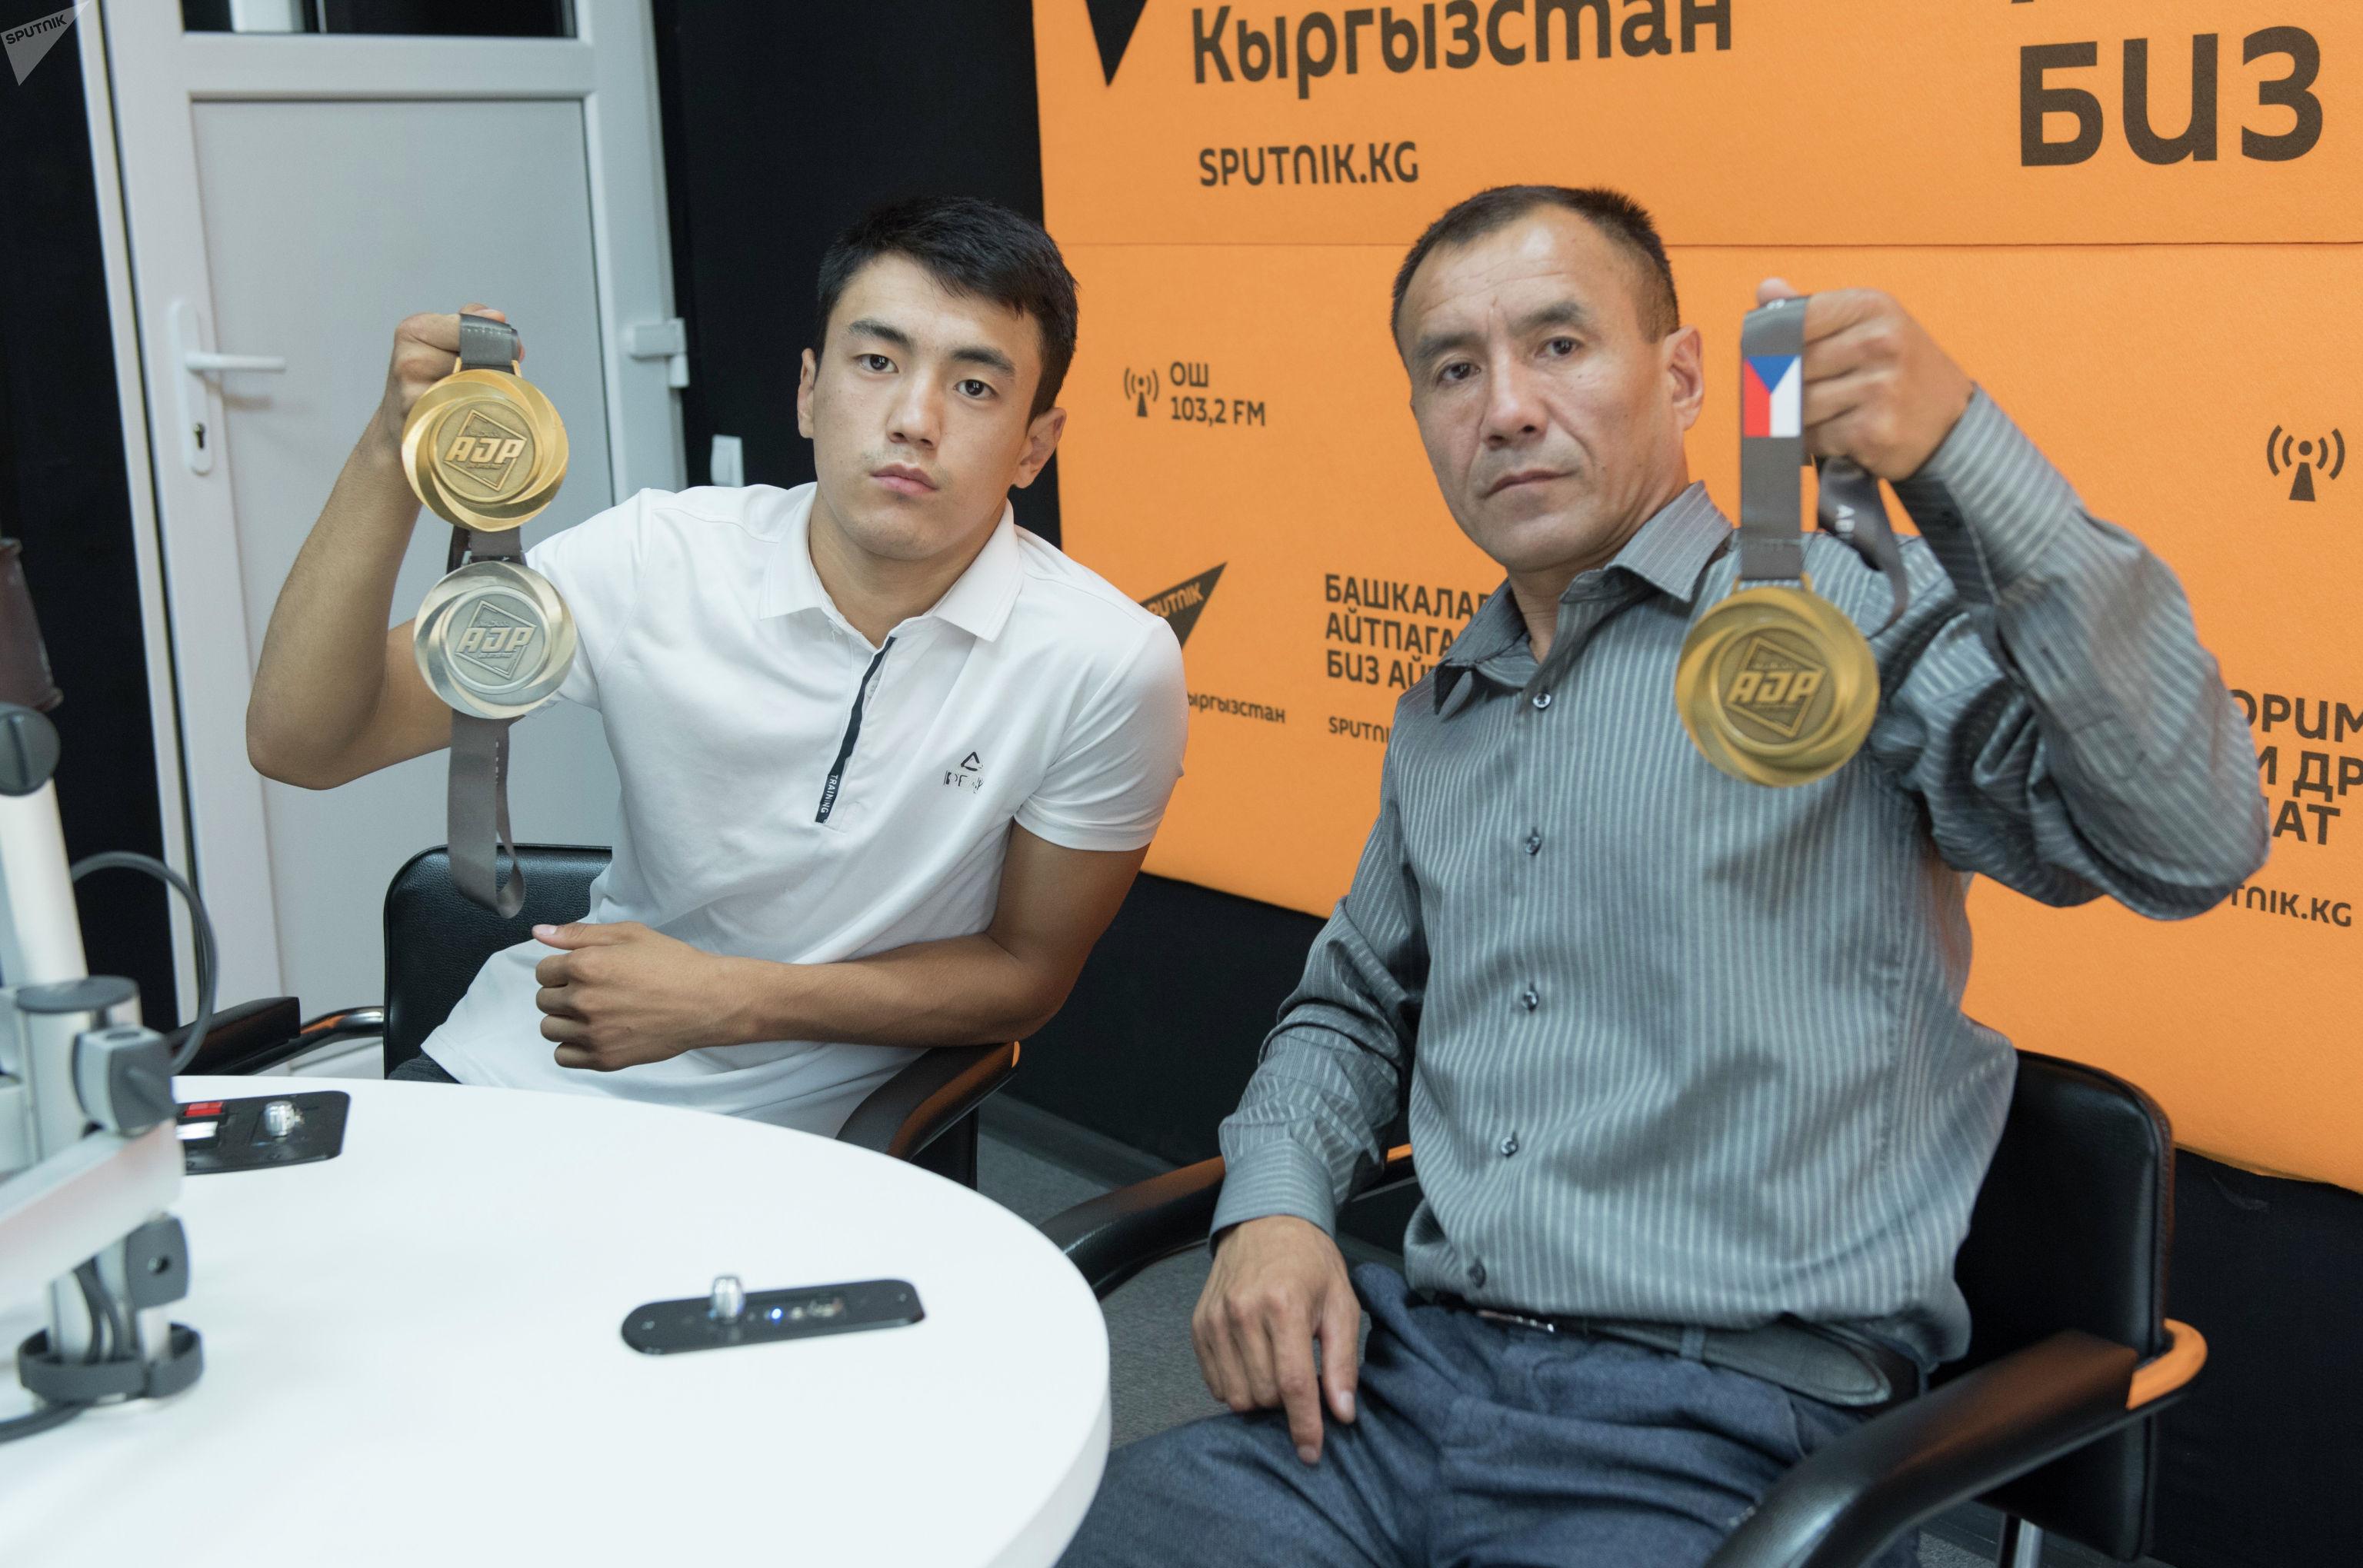 Кыргызстанский спортсмен Эрали Аскарбек уулу с сыном Эржигитом